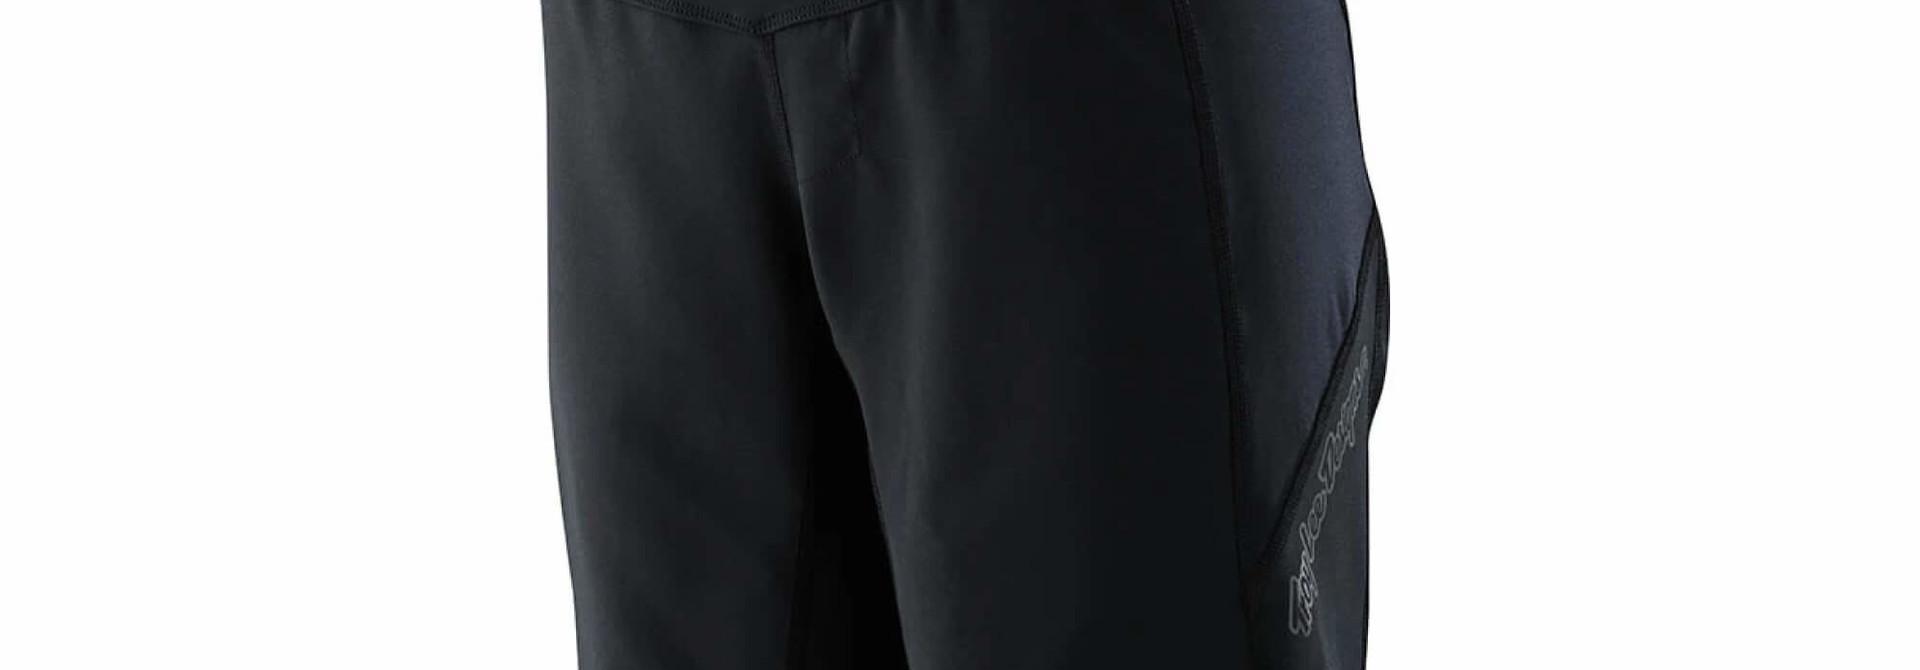 Women's Luxe Short 2022